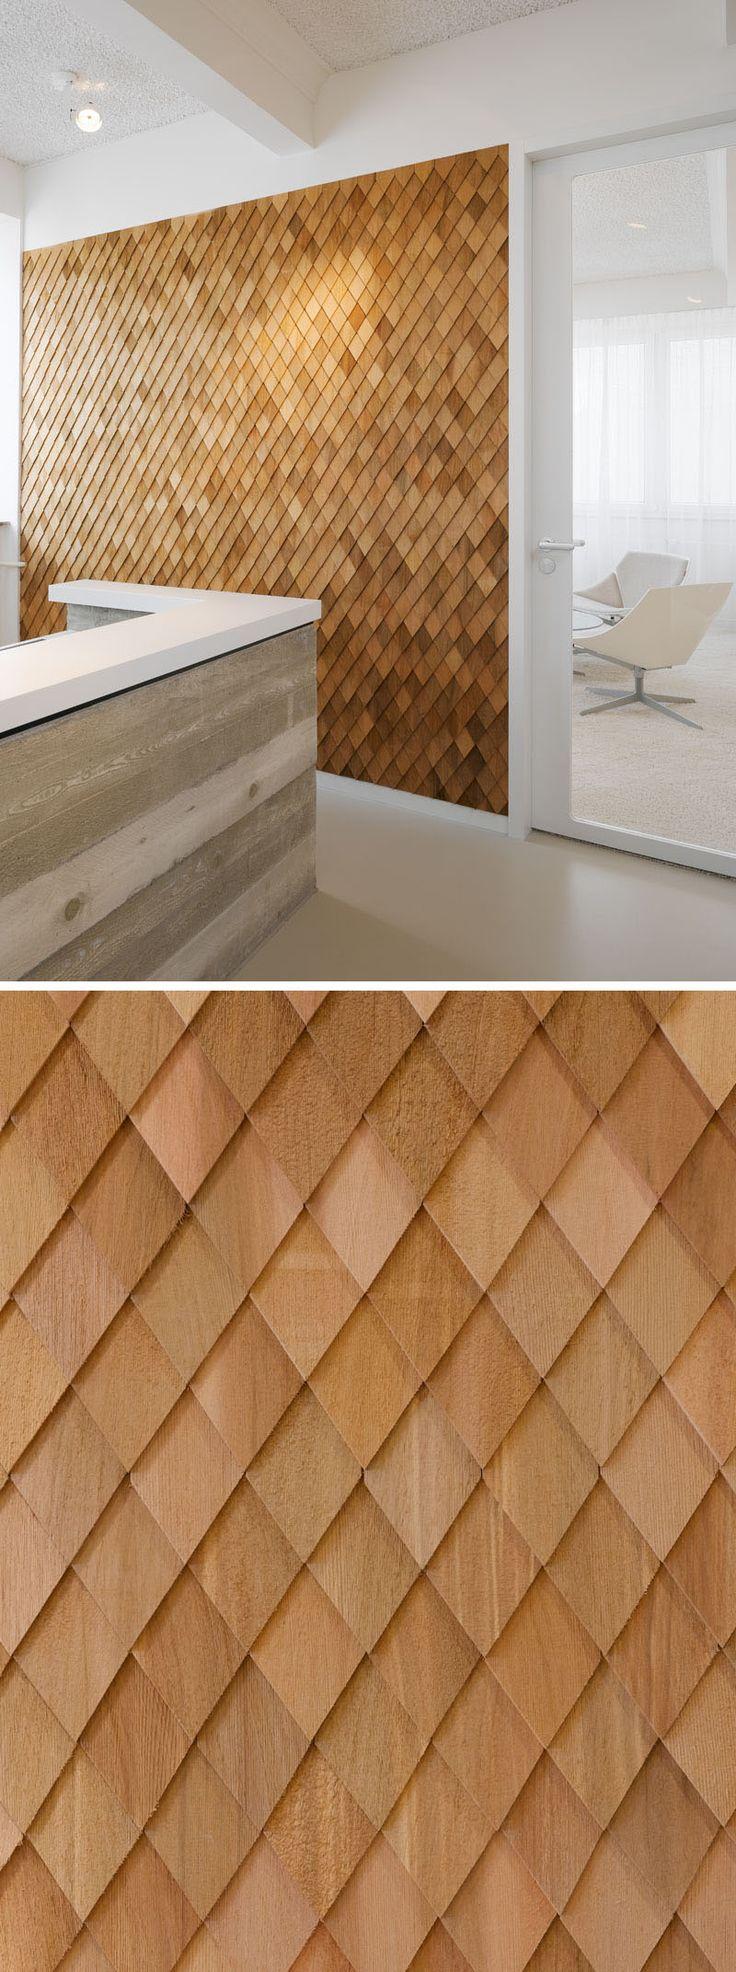 Best 25+ Wood shingles ideas on Pinterest   Cedar shingles ...